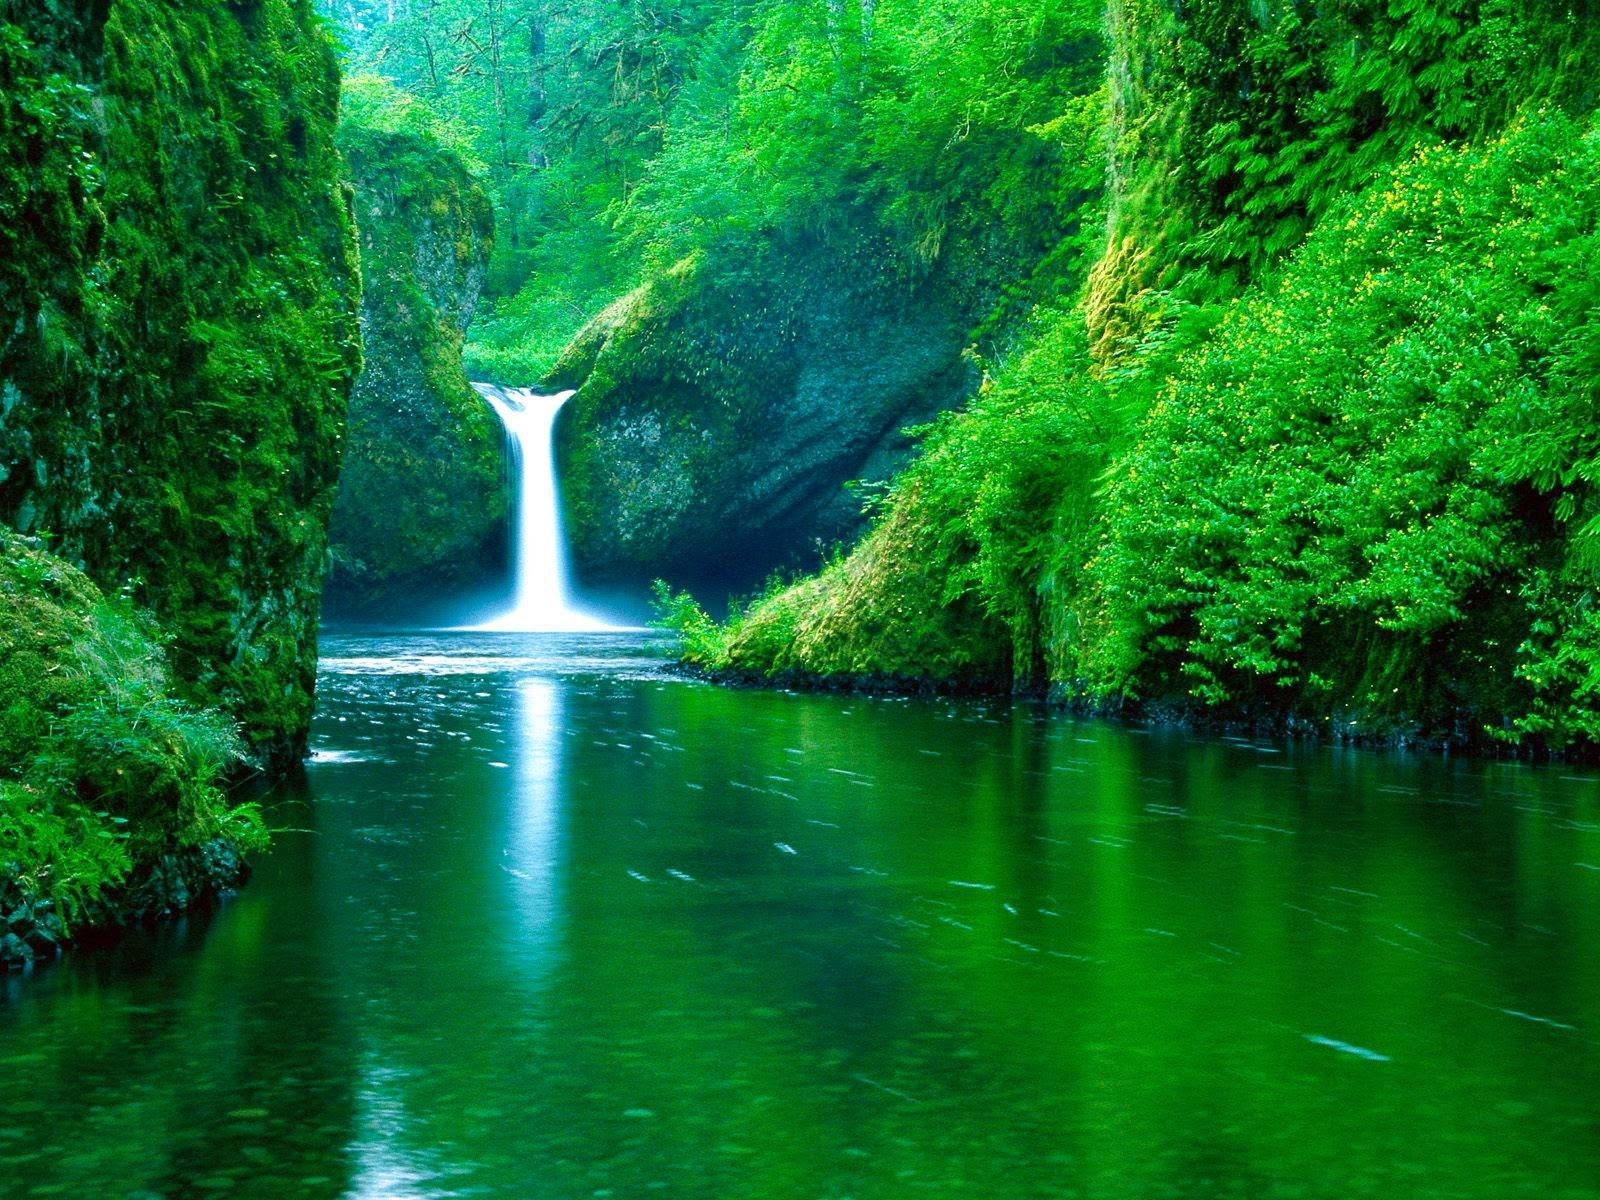 Beautiful Nature Photos